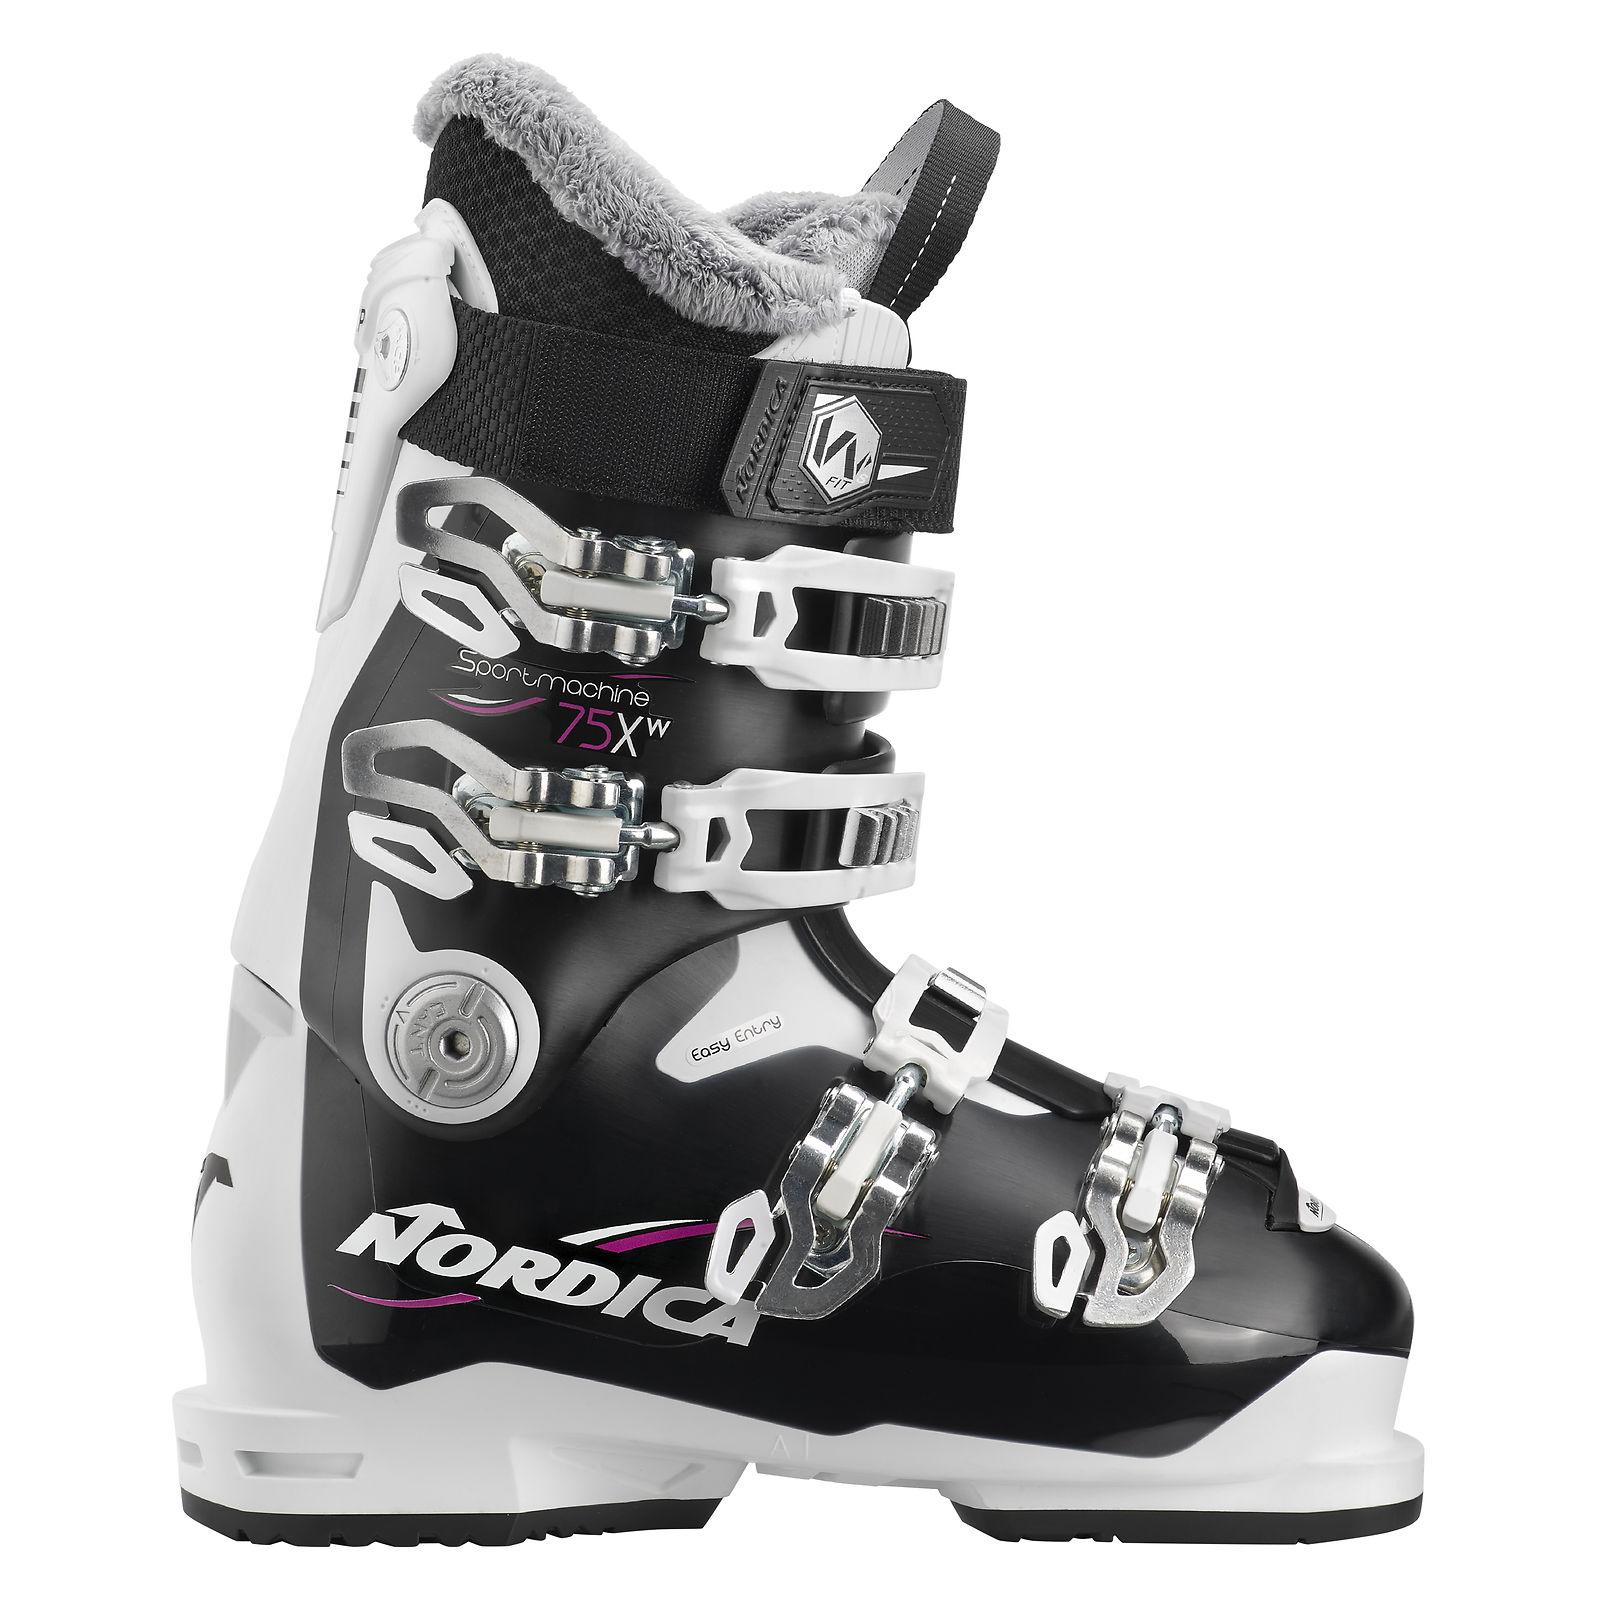 Buty narciarskie damskie Nordica SportMachine 75 W